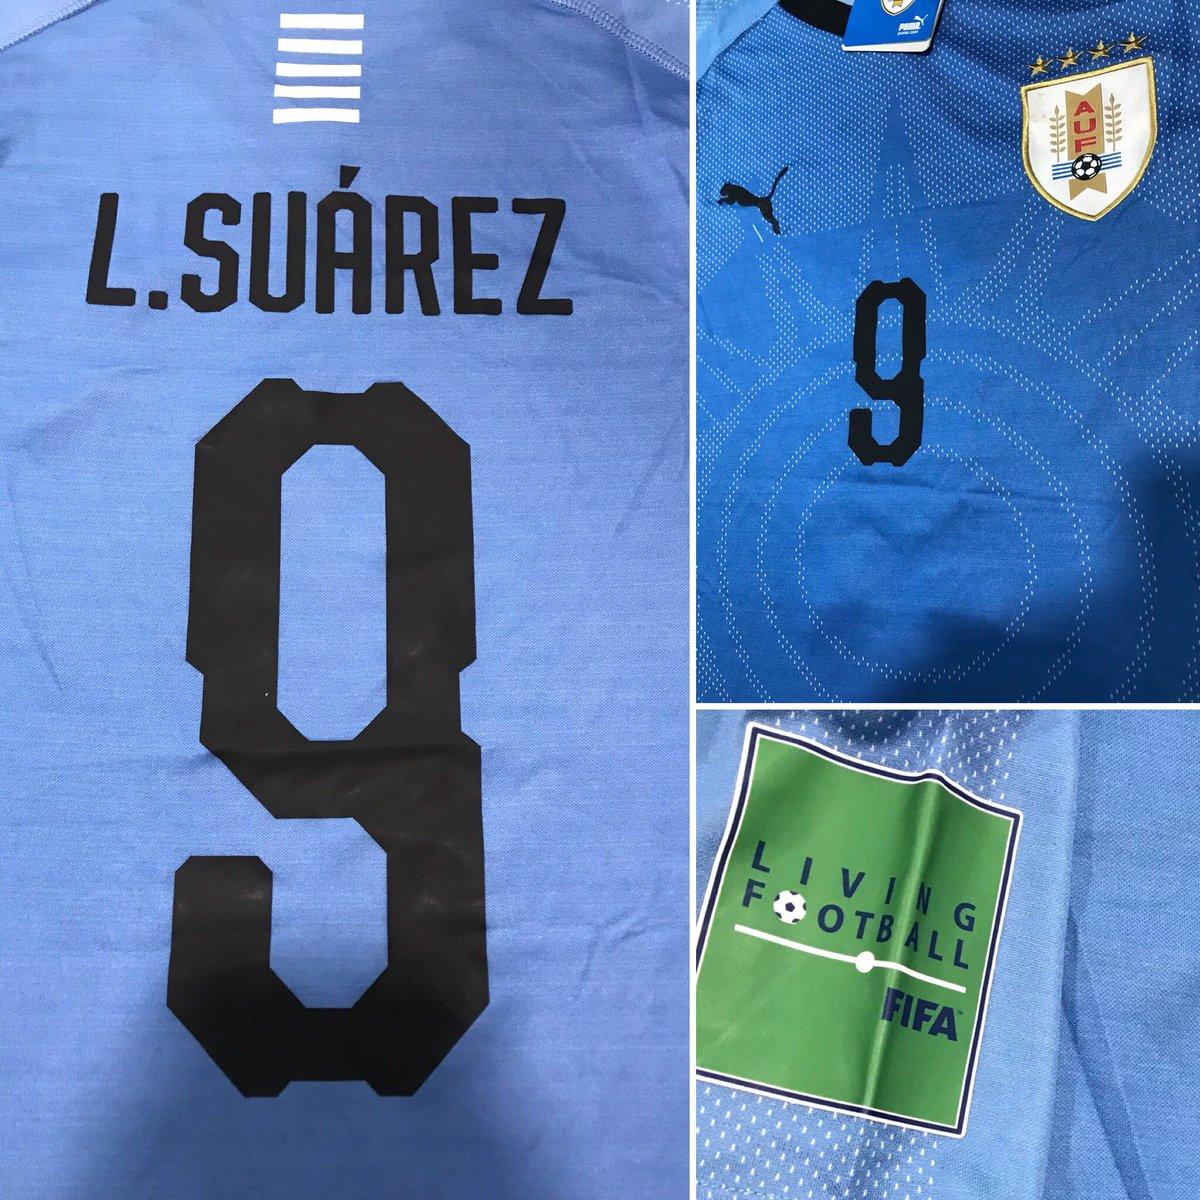 Sigue a @tdmas_cr, dale RT a la imagen y participa por la camisa de Suárez, sorteo esta noche